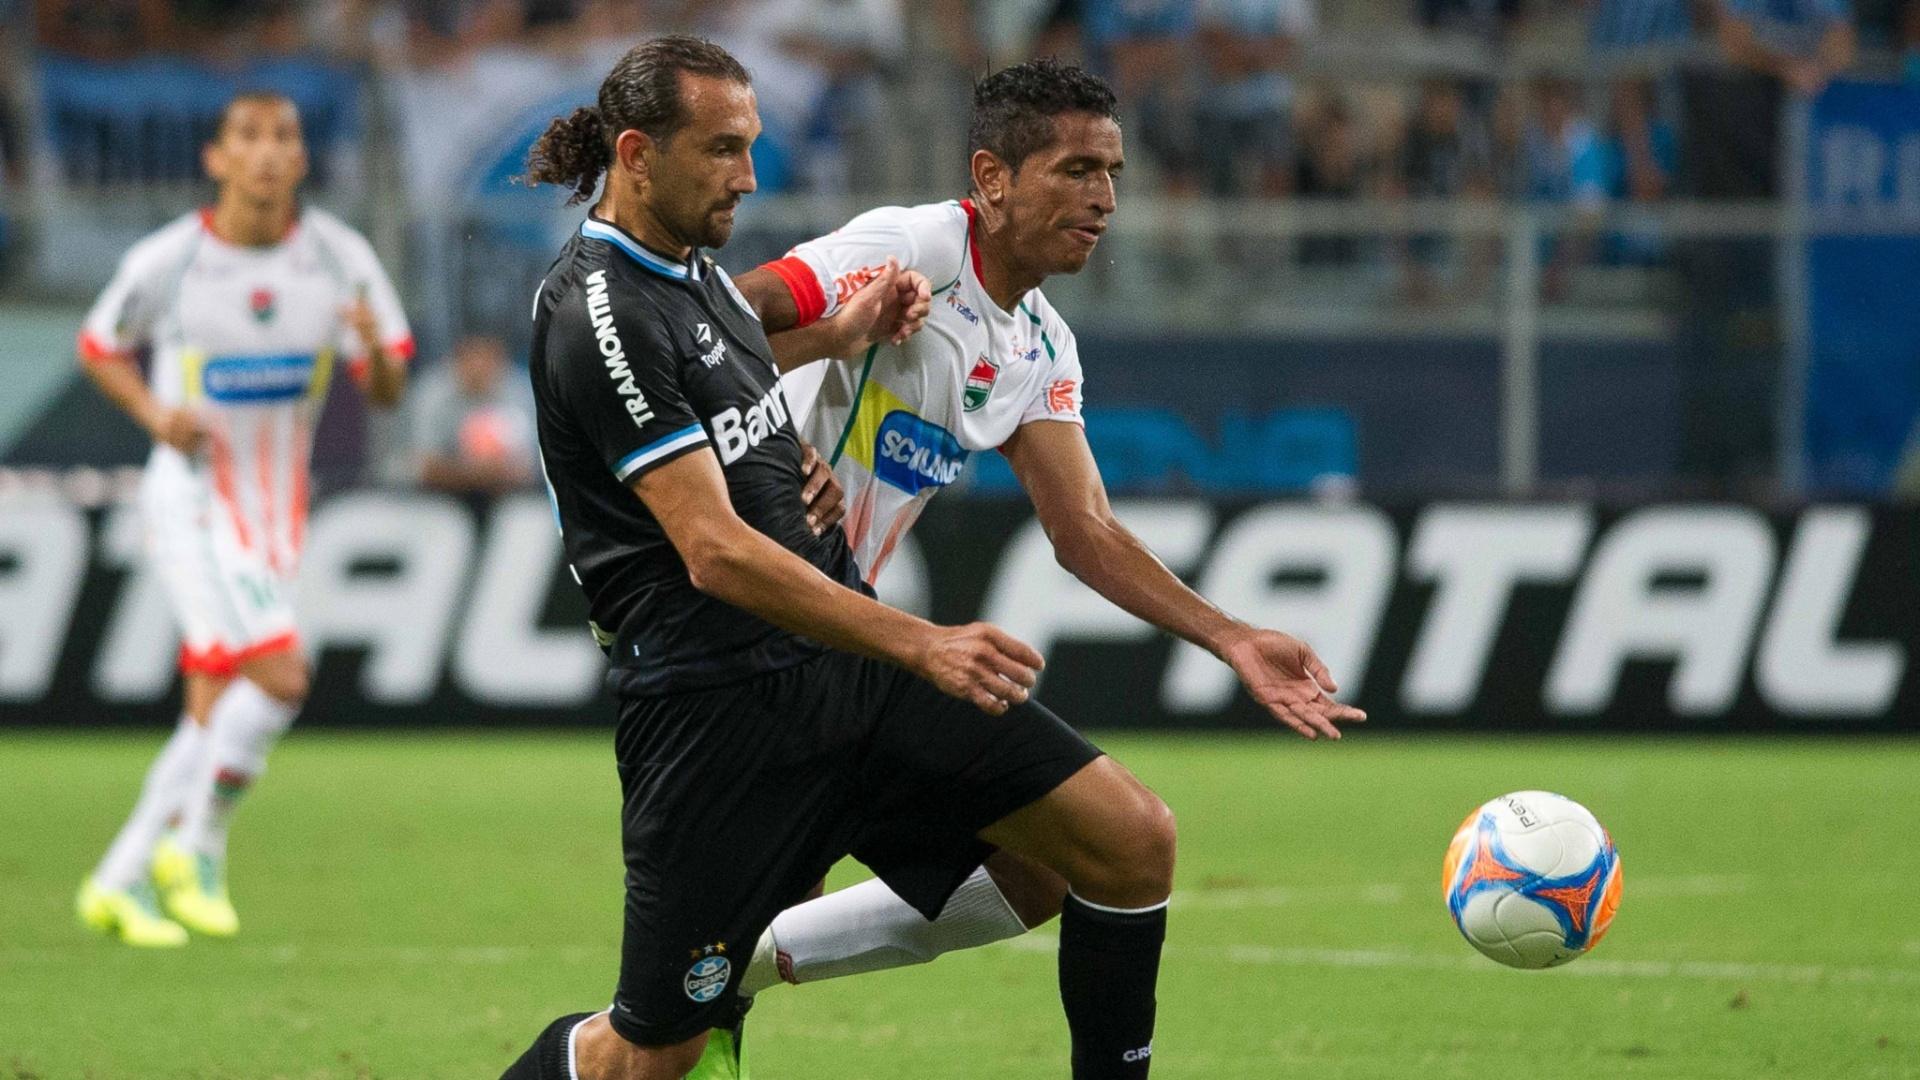 09.mar.2014 - Barcos avança para o ataque no jogo do Grêmio contra o Passo Fundo